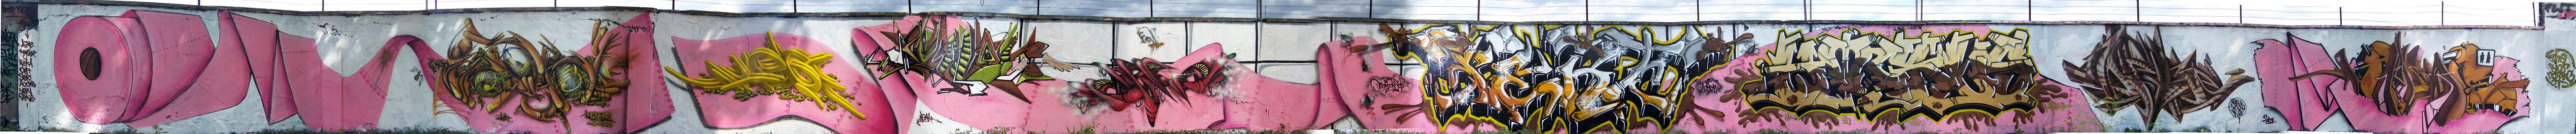 08.2008_ToulousePq